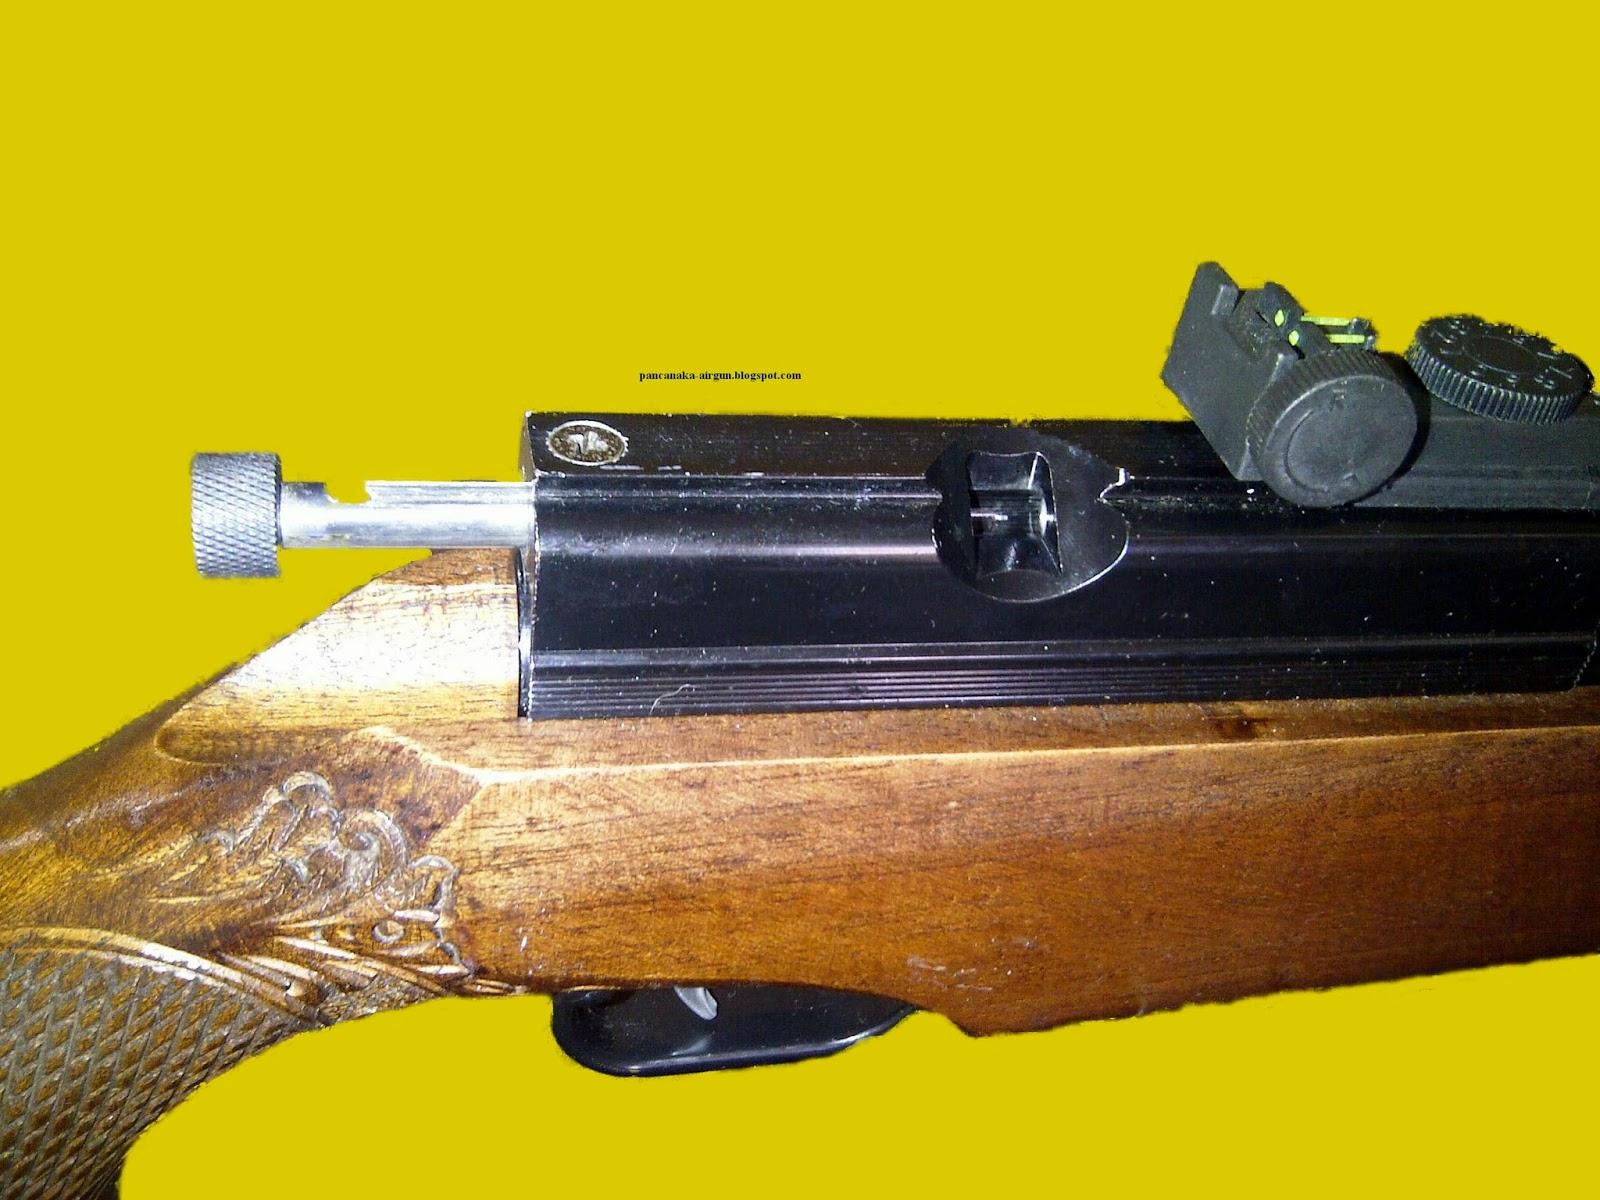 Sharp Tiger Super snif15 KODE Snif15 Sharp Goppul snif10 Senapan Pembunuh Snif11 Sharp Innova snif12 Benjamin Franklin snif13 The River snif14